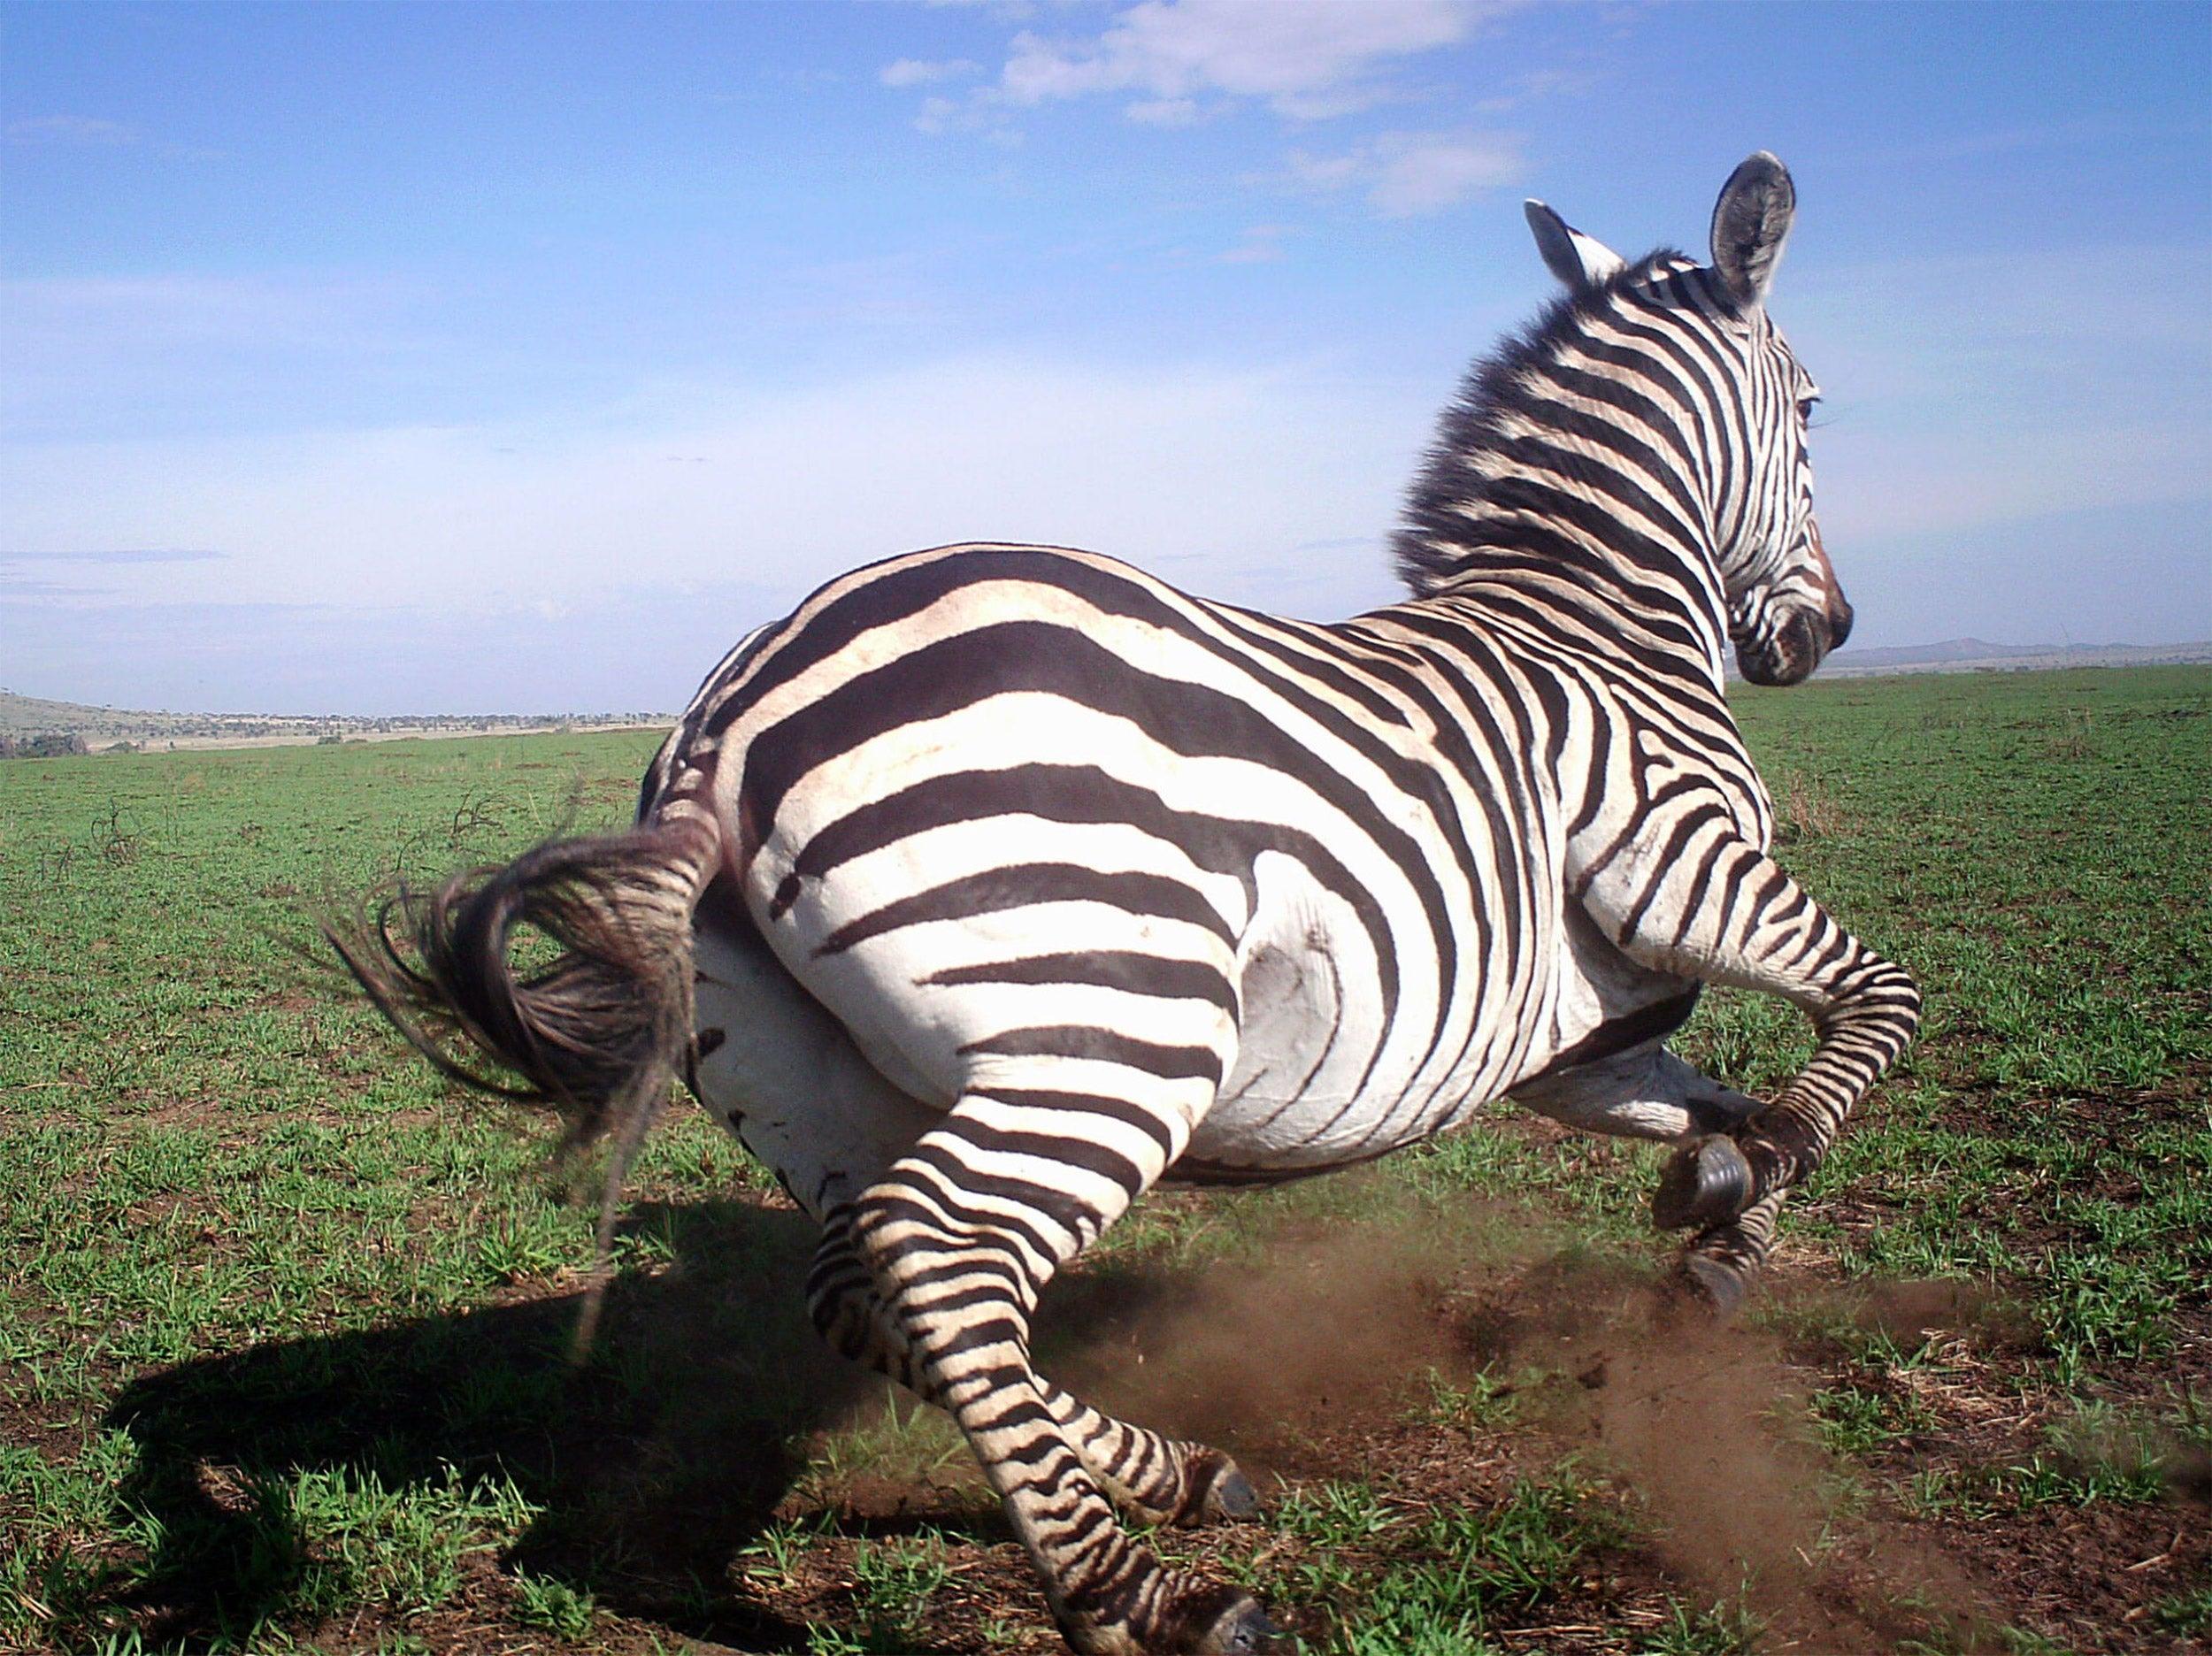 Zebra moving in the wild.